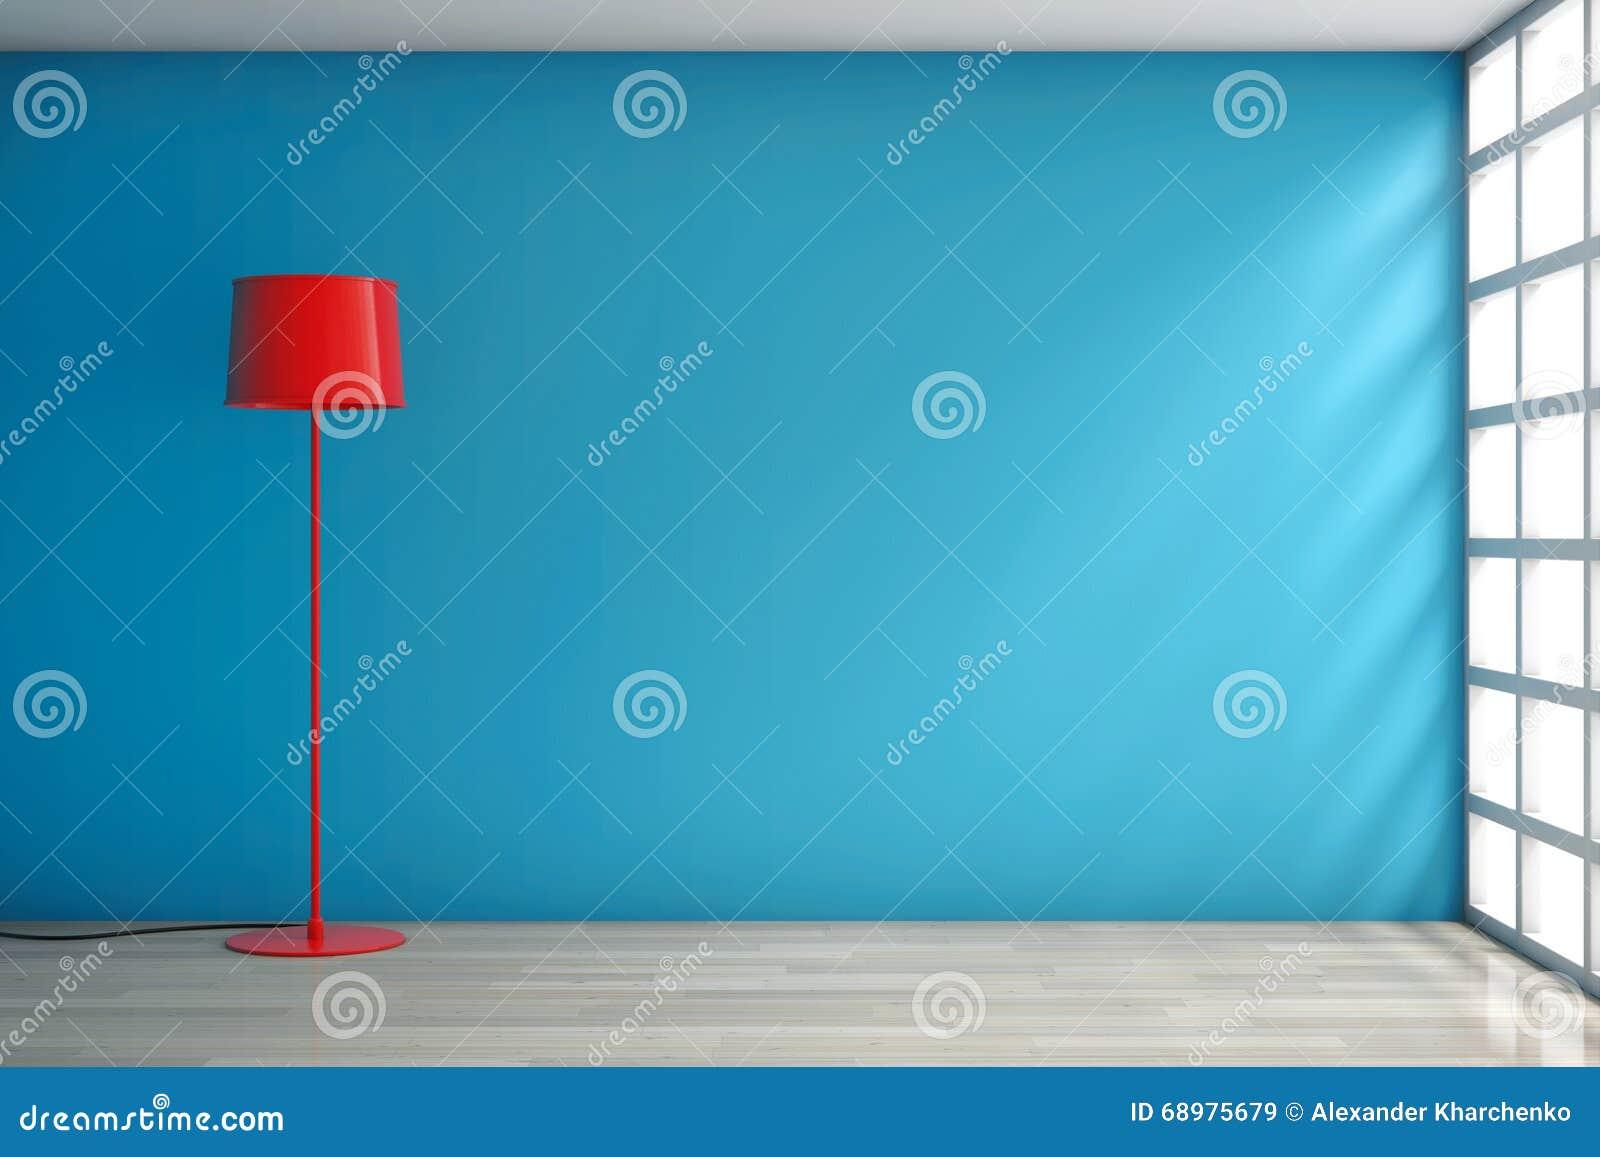 Lampe rouge moderne contre un mur